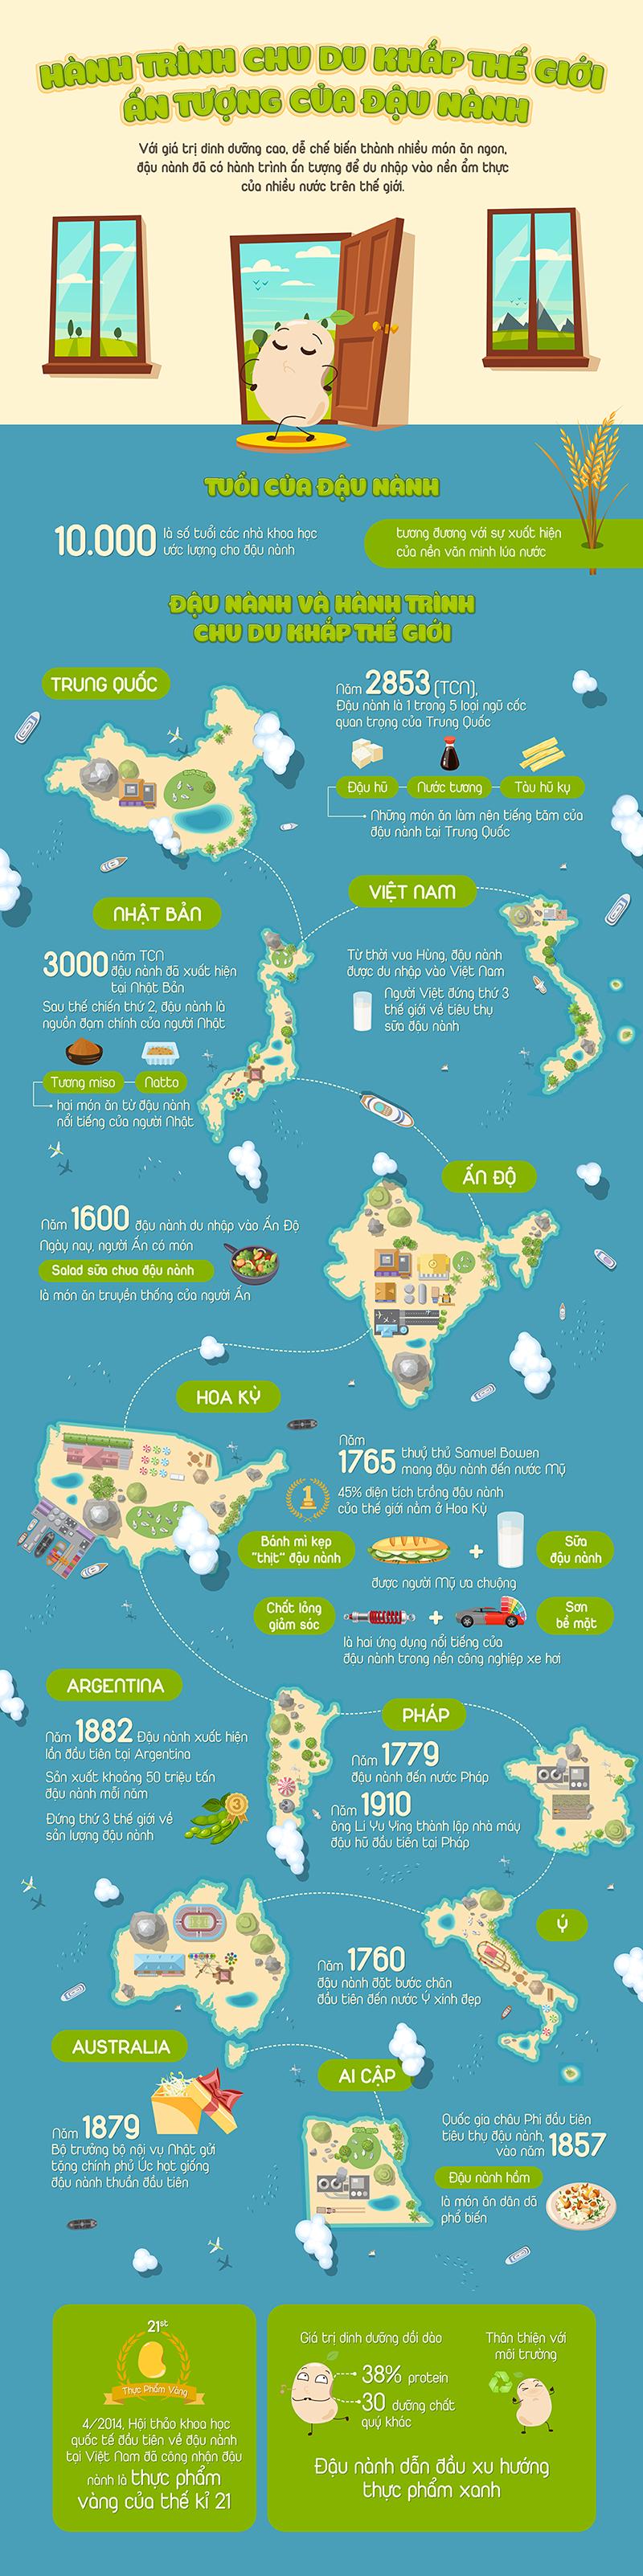 Hành trình chu du khắp thế giới ấn tượng của đậu nành